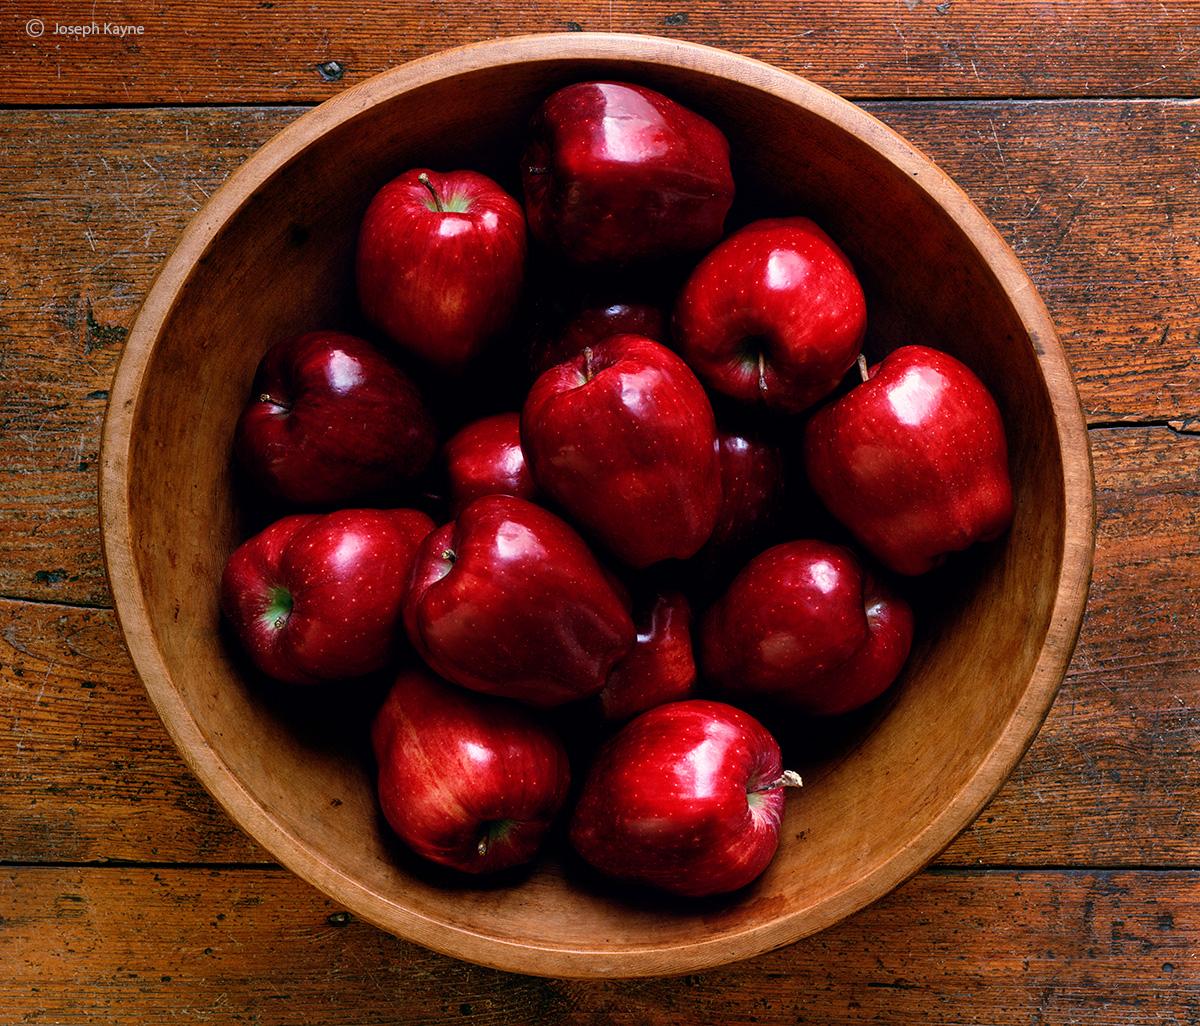 temptation,illinois,bowl,apples,illinois,farmhouse, photo